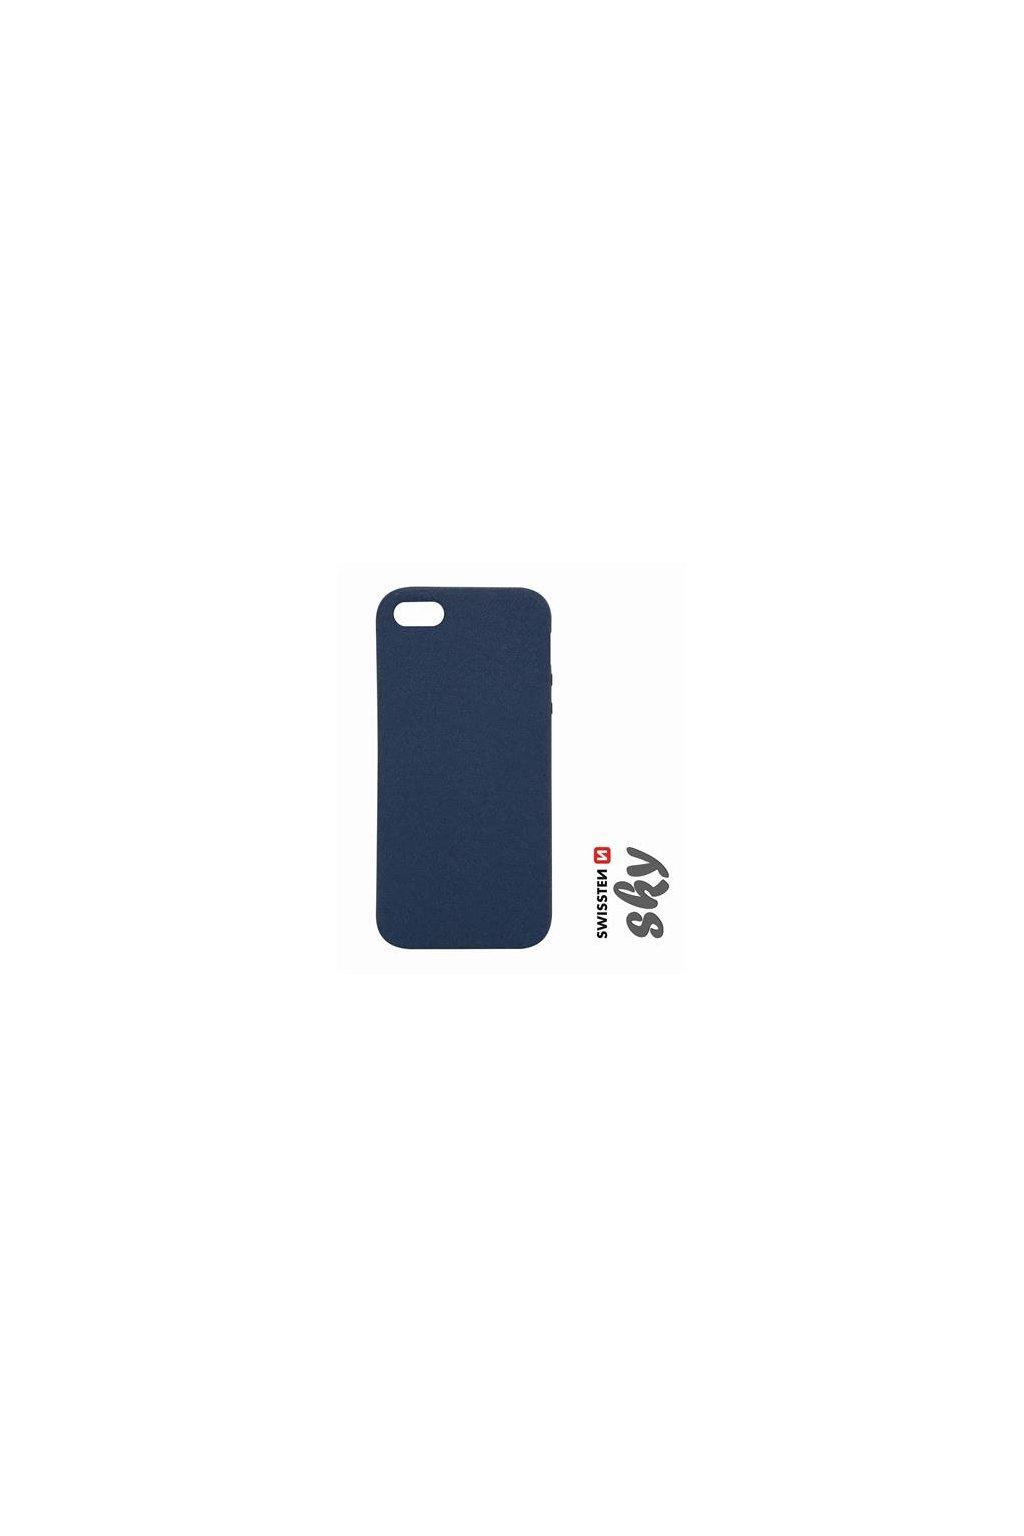 Swissten Sky Apple iPhone 7/8, modré